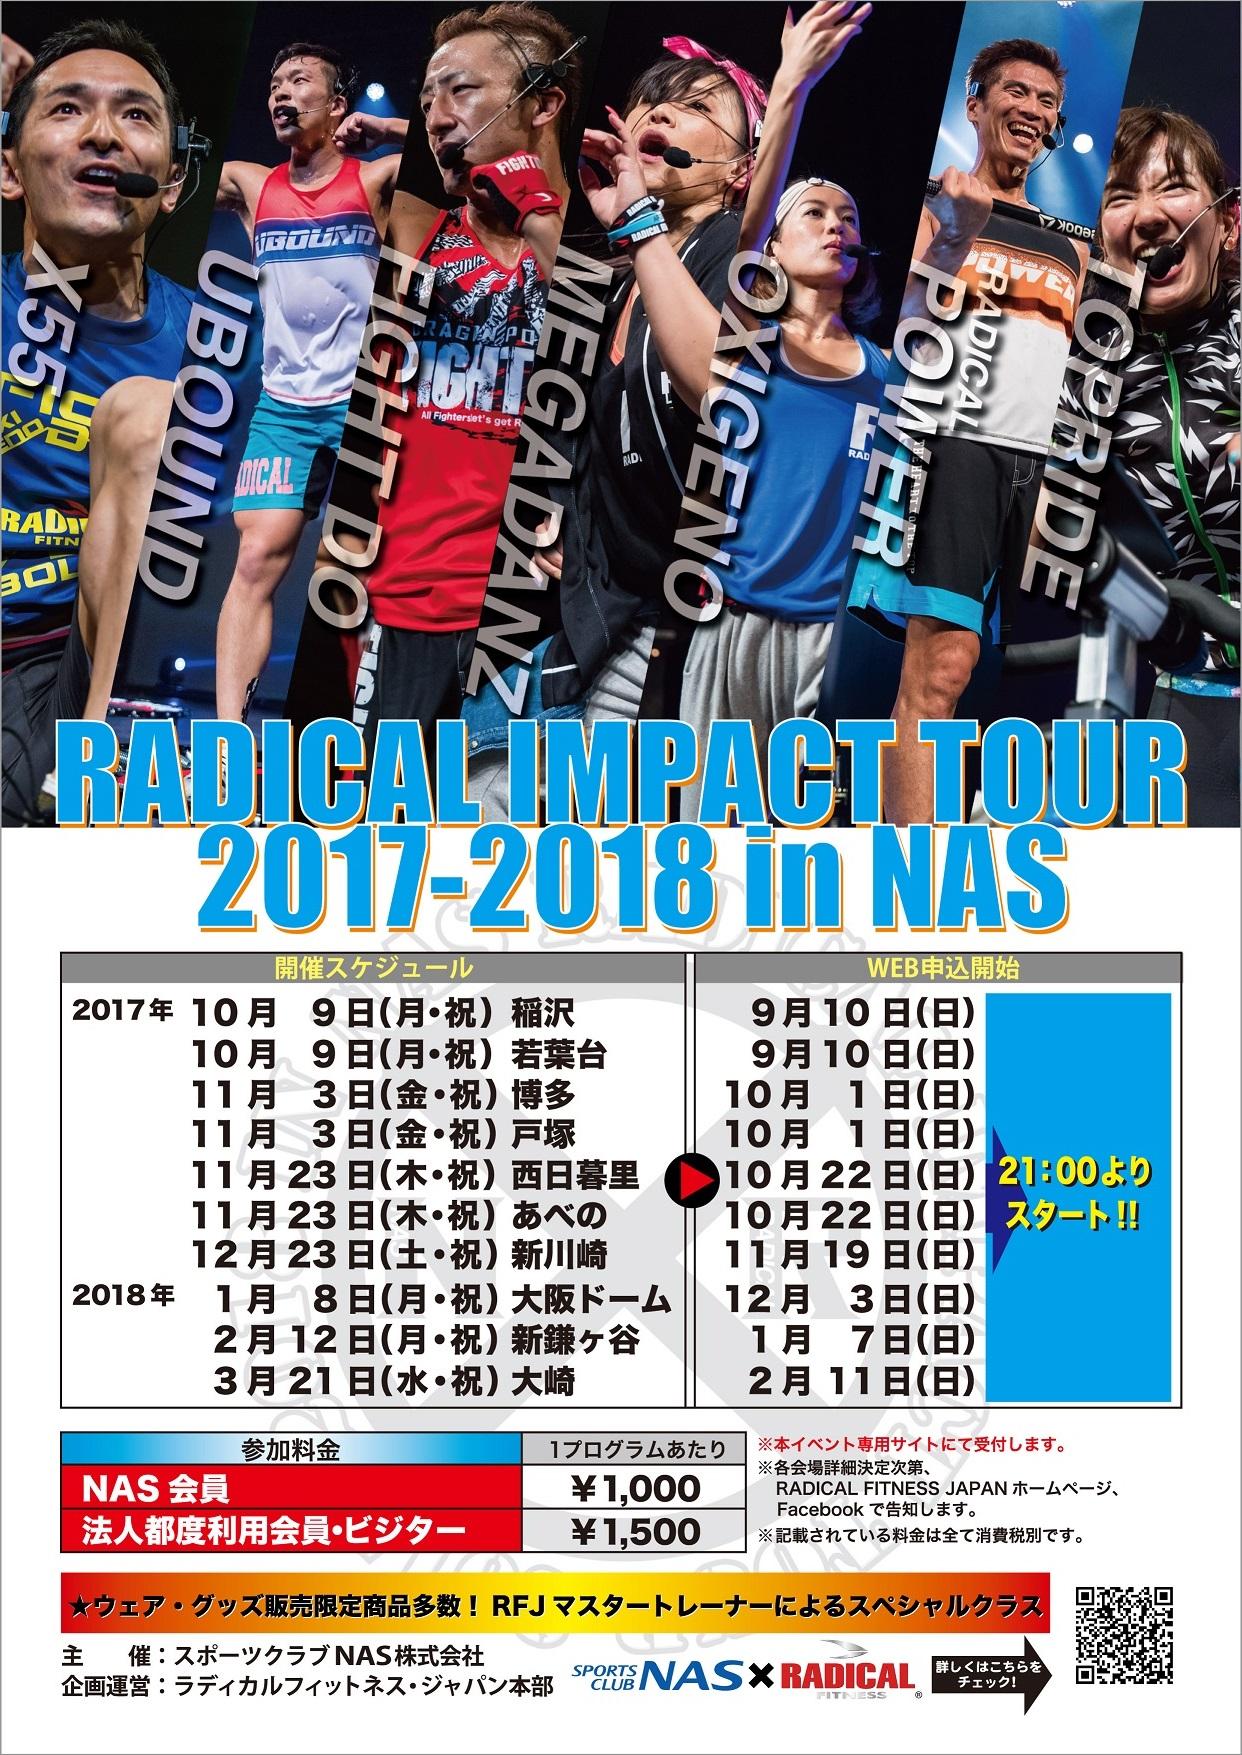 ラディカルインパクトツアー2017-2018 in NAS若葉台 NAS会員様